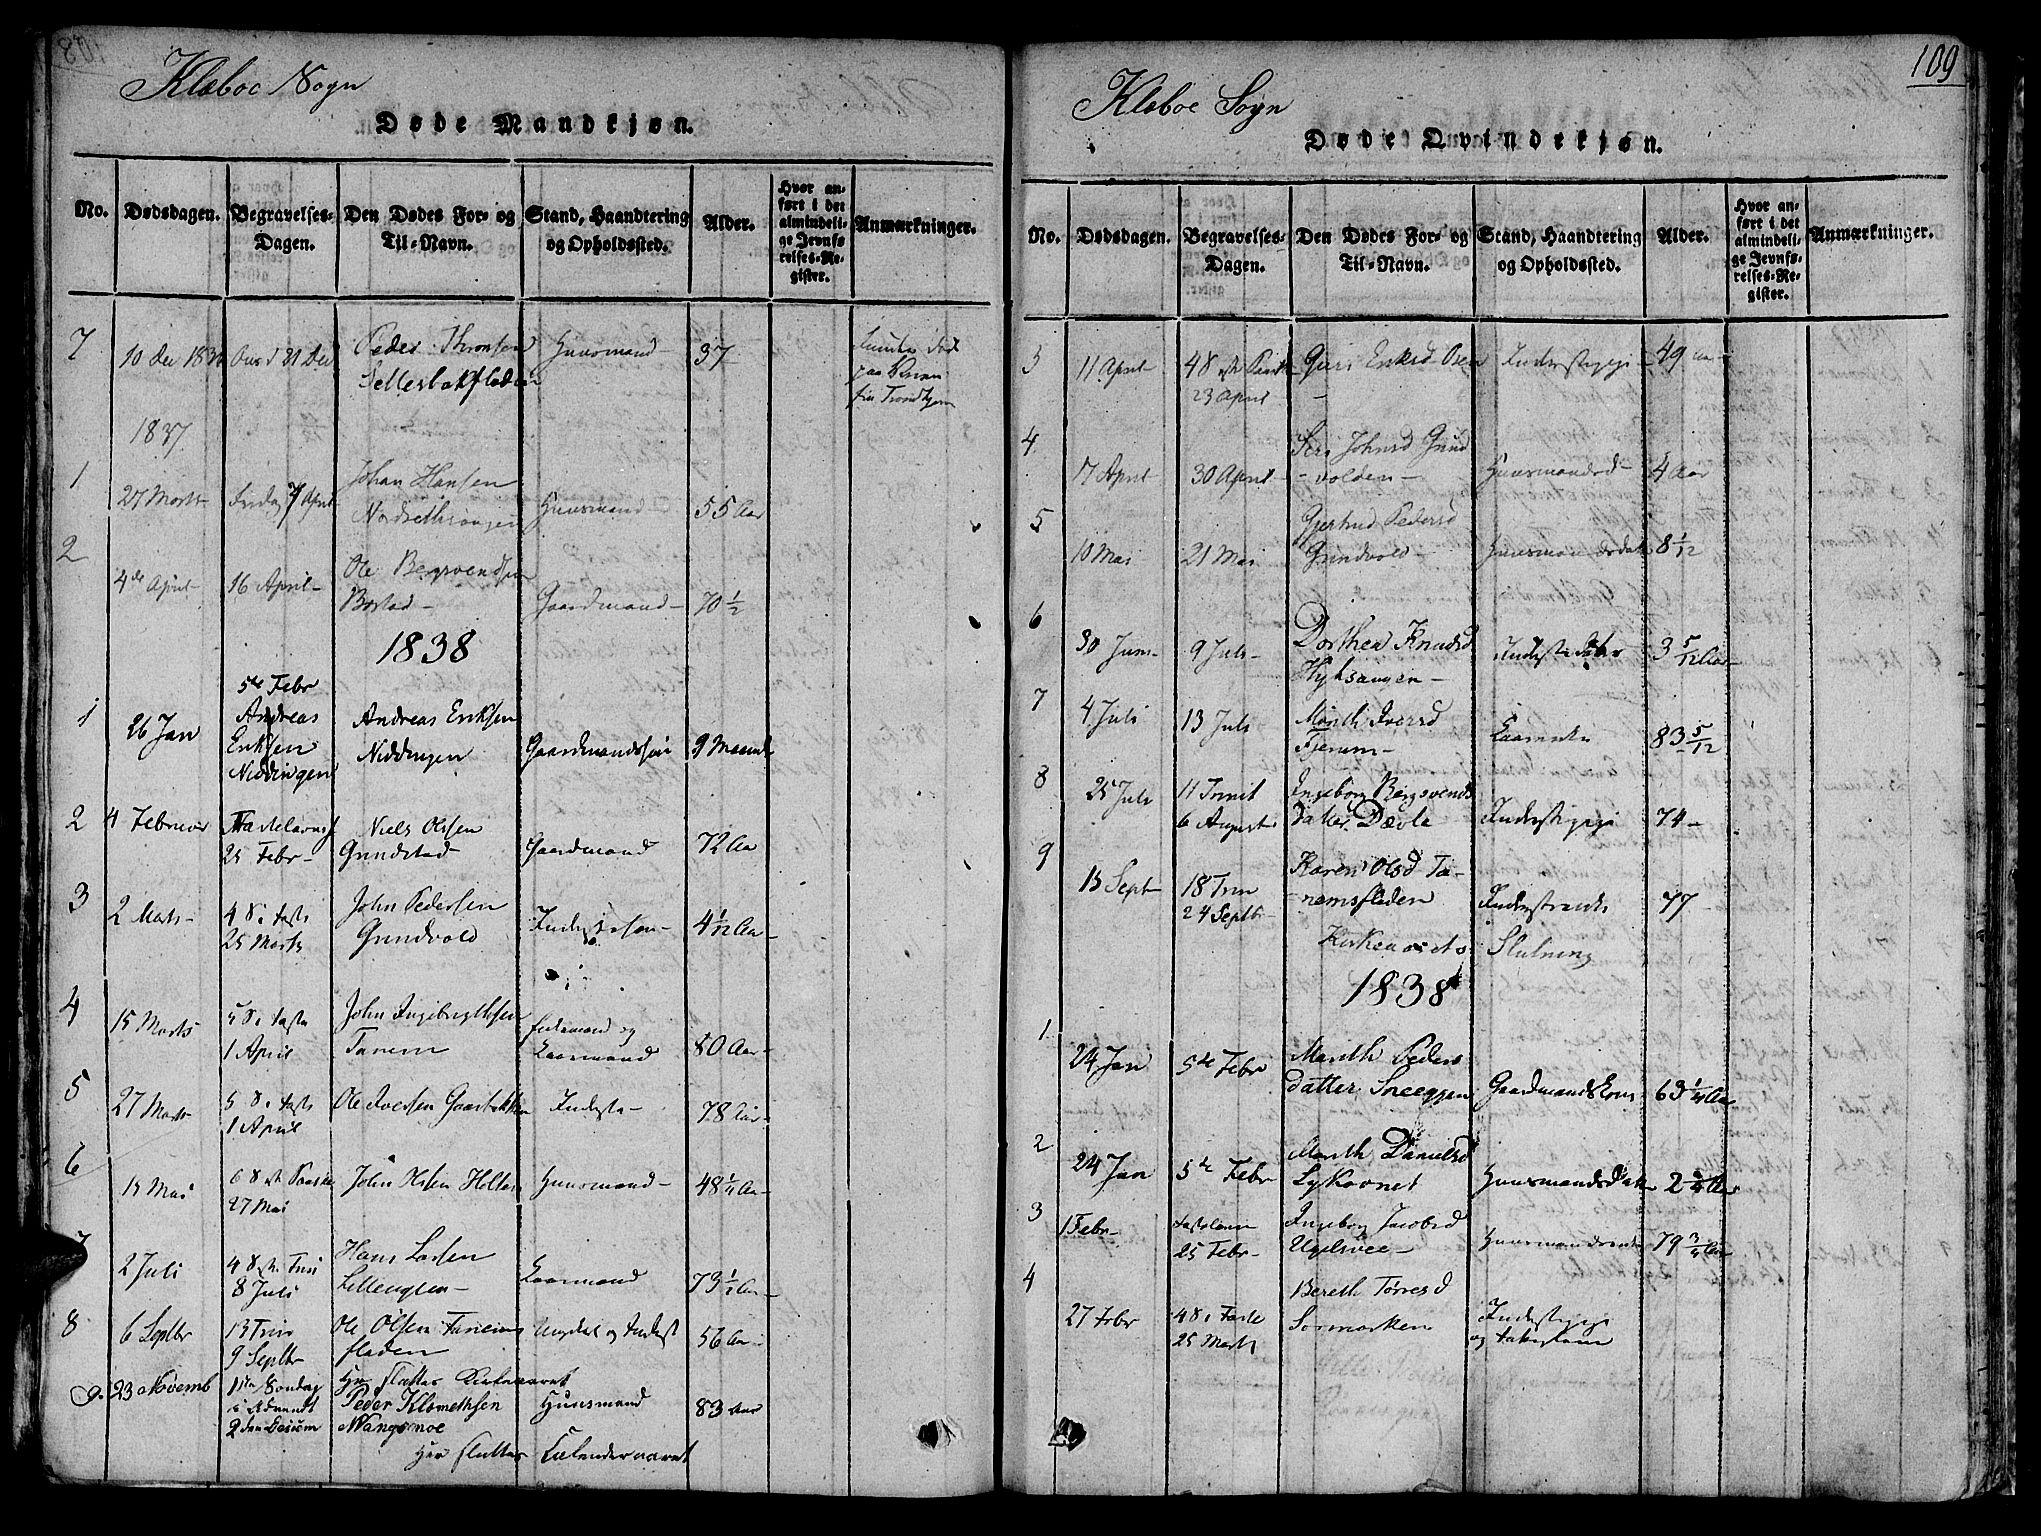 SAT, Ministerialprotokoller, klokkerbøker og fødselsregistre - Sør-Trøndelag, 618/L0439: Ministerialbok nr. 618A04 /1, 1816-1843, s. 109